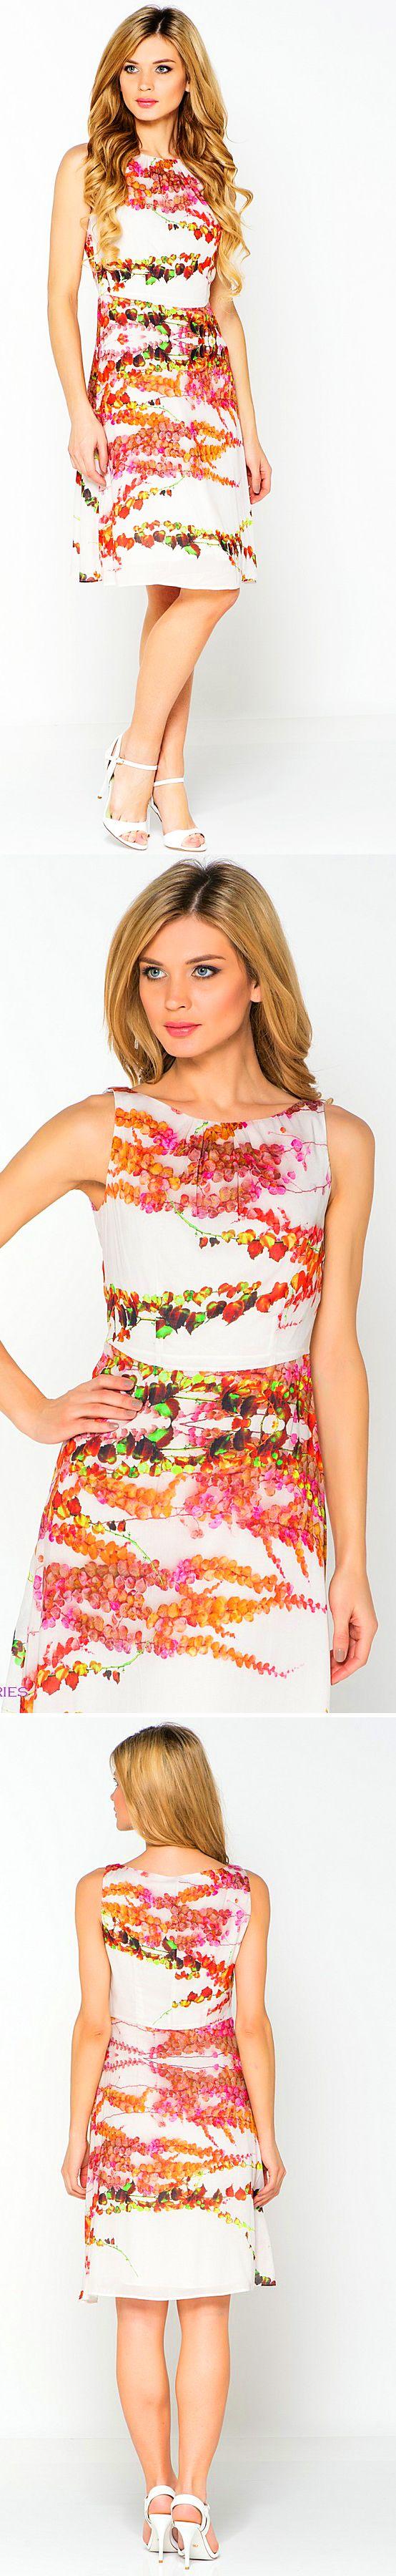 Платье, IMAGO  #платье #платья #модныеплатья #лето #офисные #летние #вечерние #накаждыйдень #нарядные #выпускные